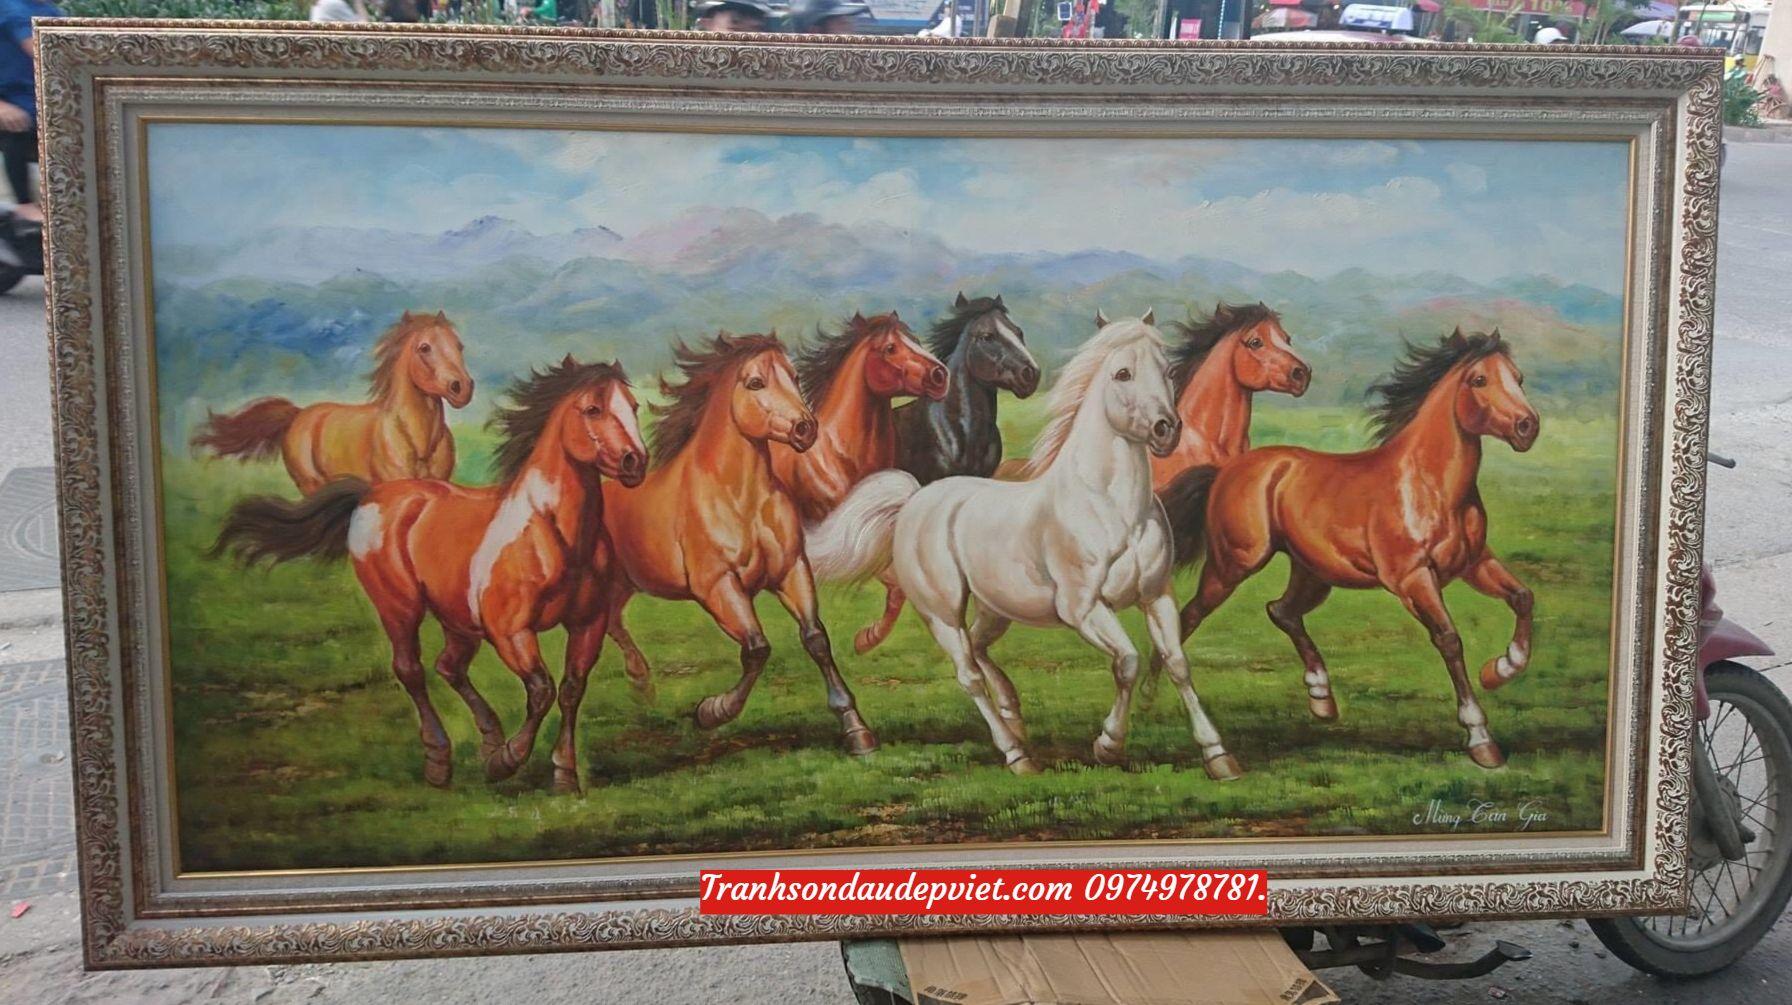 Tranh mã đáo thành công, tranh vẽ sơn dầu SD010